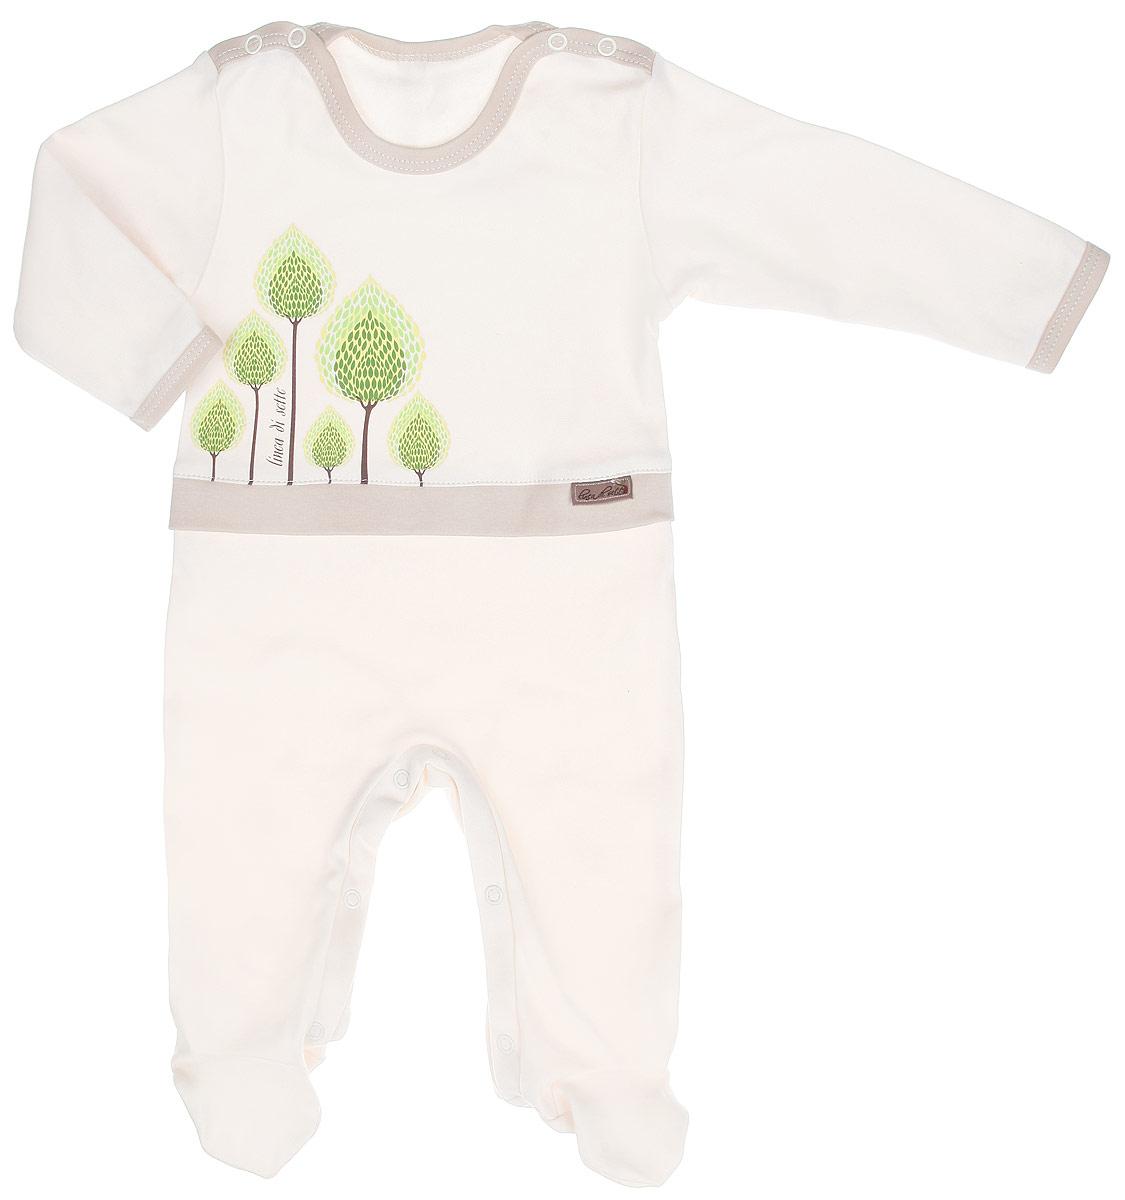 Комбинезон детский Сказочный лес. 02-060302-0603Детский комбинезон Linea Di Sette Сказочный лес станет идеальным дополнением к гардеробу вашего ребенка. Изделие изготовлено из высококачественного органического полотна в соответствии с принятыми стандартами. Органический хлопок - это безвредная альтернатива традиционному хлопку, ткани из него не вредят нежной коже малыша, а также их производство безопасно для окружающей среды. Органический хлопок очень мягкий, отлично пропускает воздух, обеспечивая максимальный комфорт. Комбинезон с круглым вырезом горловины, длинными рукавами и закрытыми ножками имеет застежки-кнопки по плечевому шву и на ластовице, которые помогают легко переодеть младенца или сменить подгузник. Оформлена модель принтом с изображением деревьев, который выполнен безопасными водными красками. Изделие полностью соответствует особенностям жизни ребенка в ранний период, не стесняя и не ограничивая его в движениях. В таком комбинезоне кроха будет чувствовать себя комфортно, уютно и всегда ...